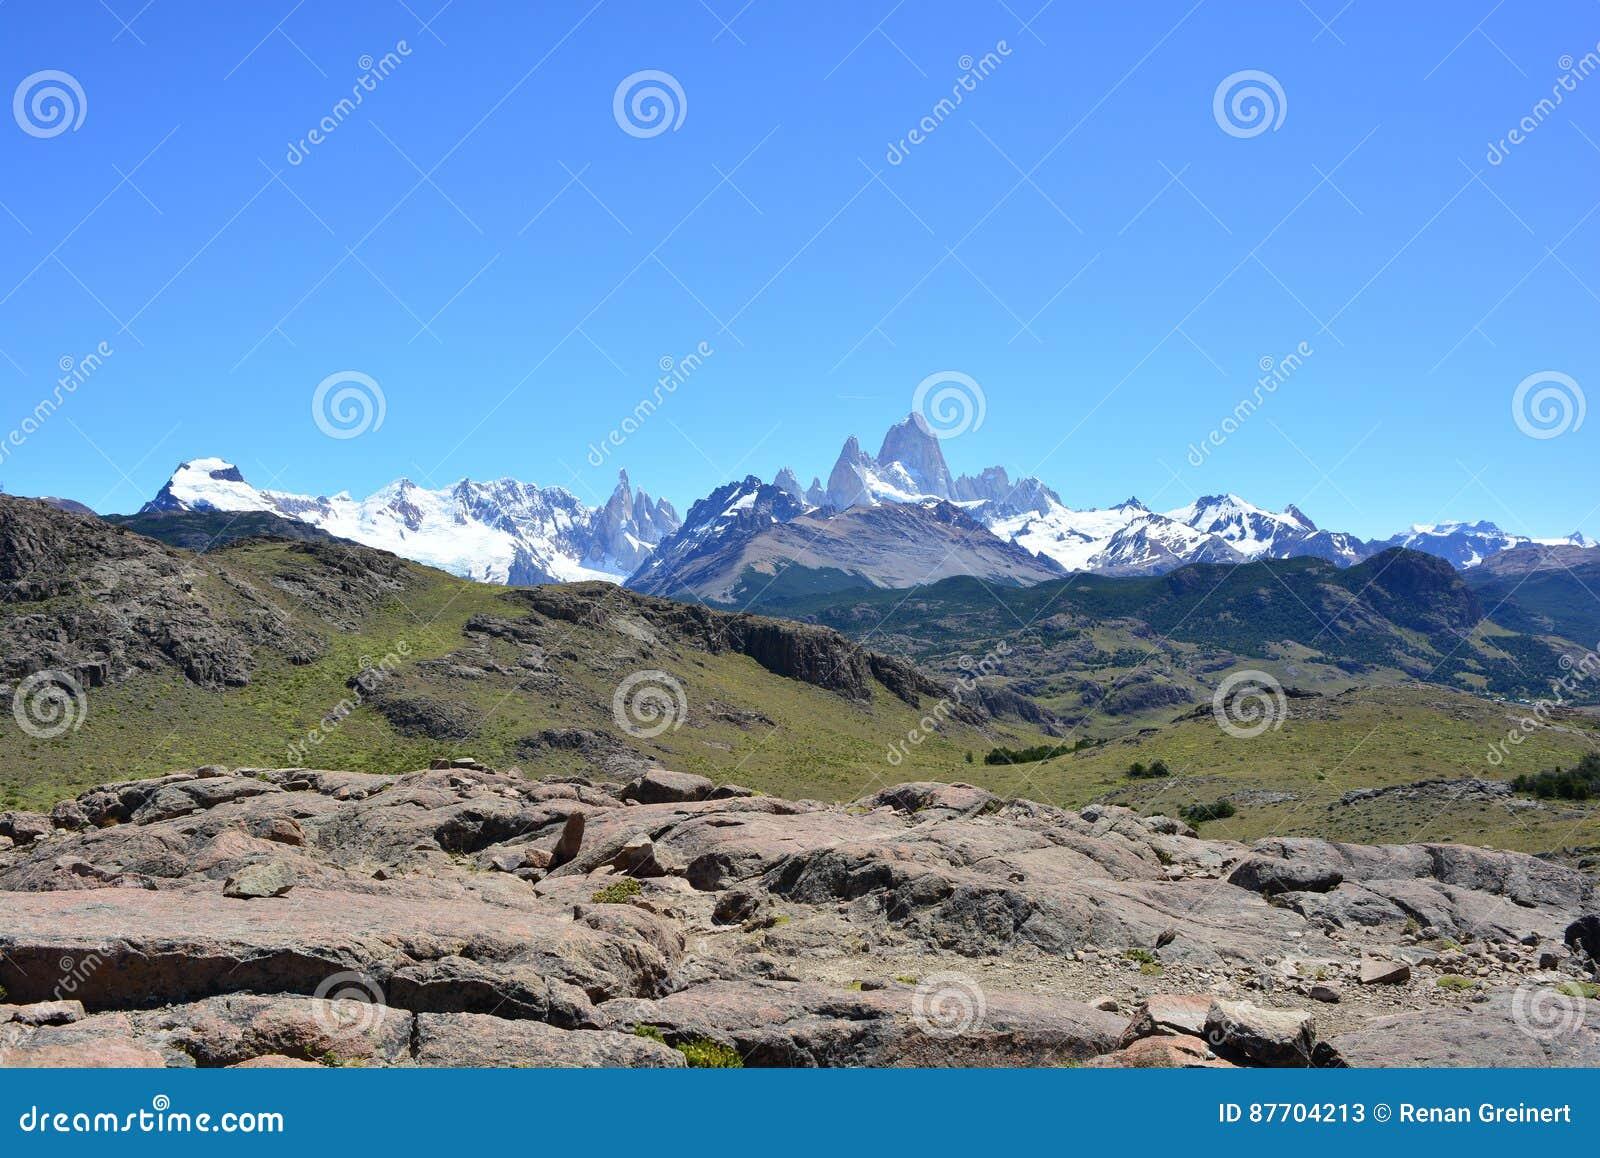 Vue lointaine de la crête de Fitz Roy, en parc national de visibilité directe Glaciares, EL Chaltén, Argentine